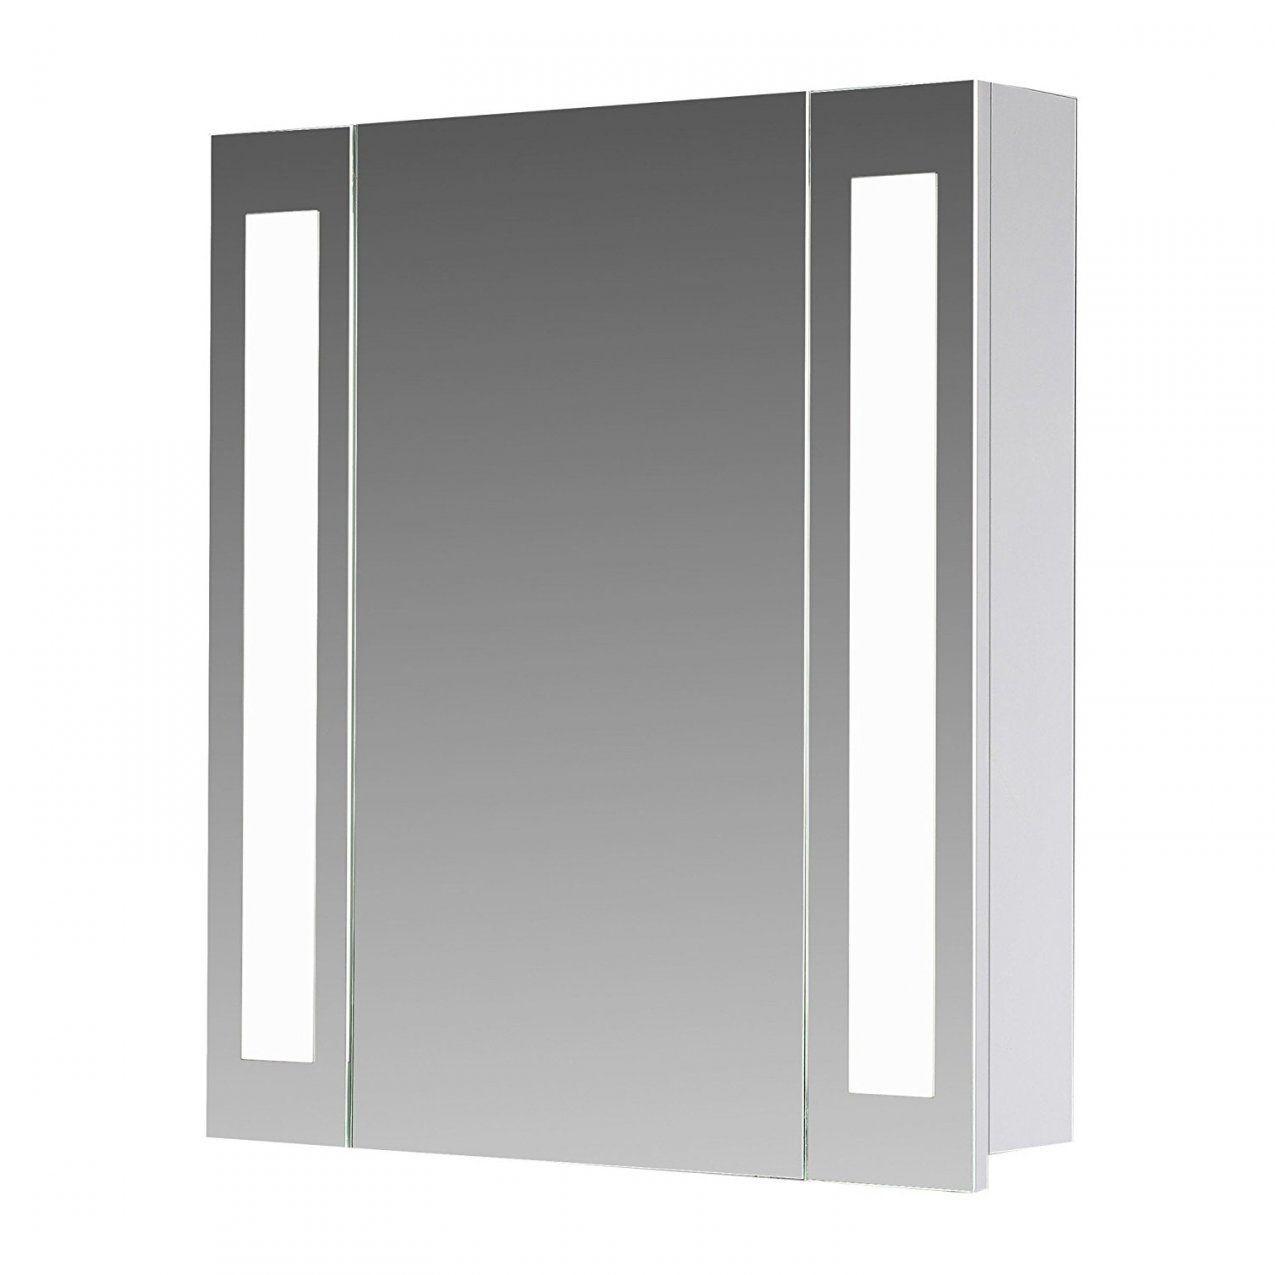 Spiegelschrank Poco Domane Mit Beleuchtung Gunstig Led Cm Breit Alu von Spiegelschrank Bad 60 Cm Bild